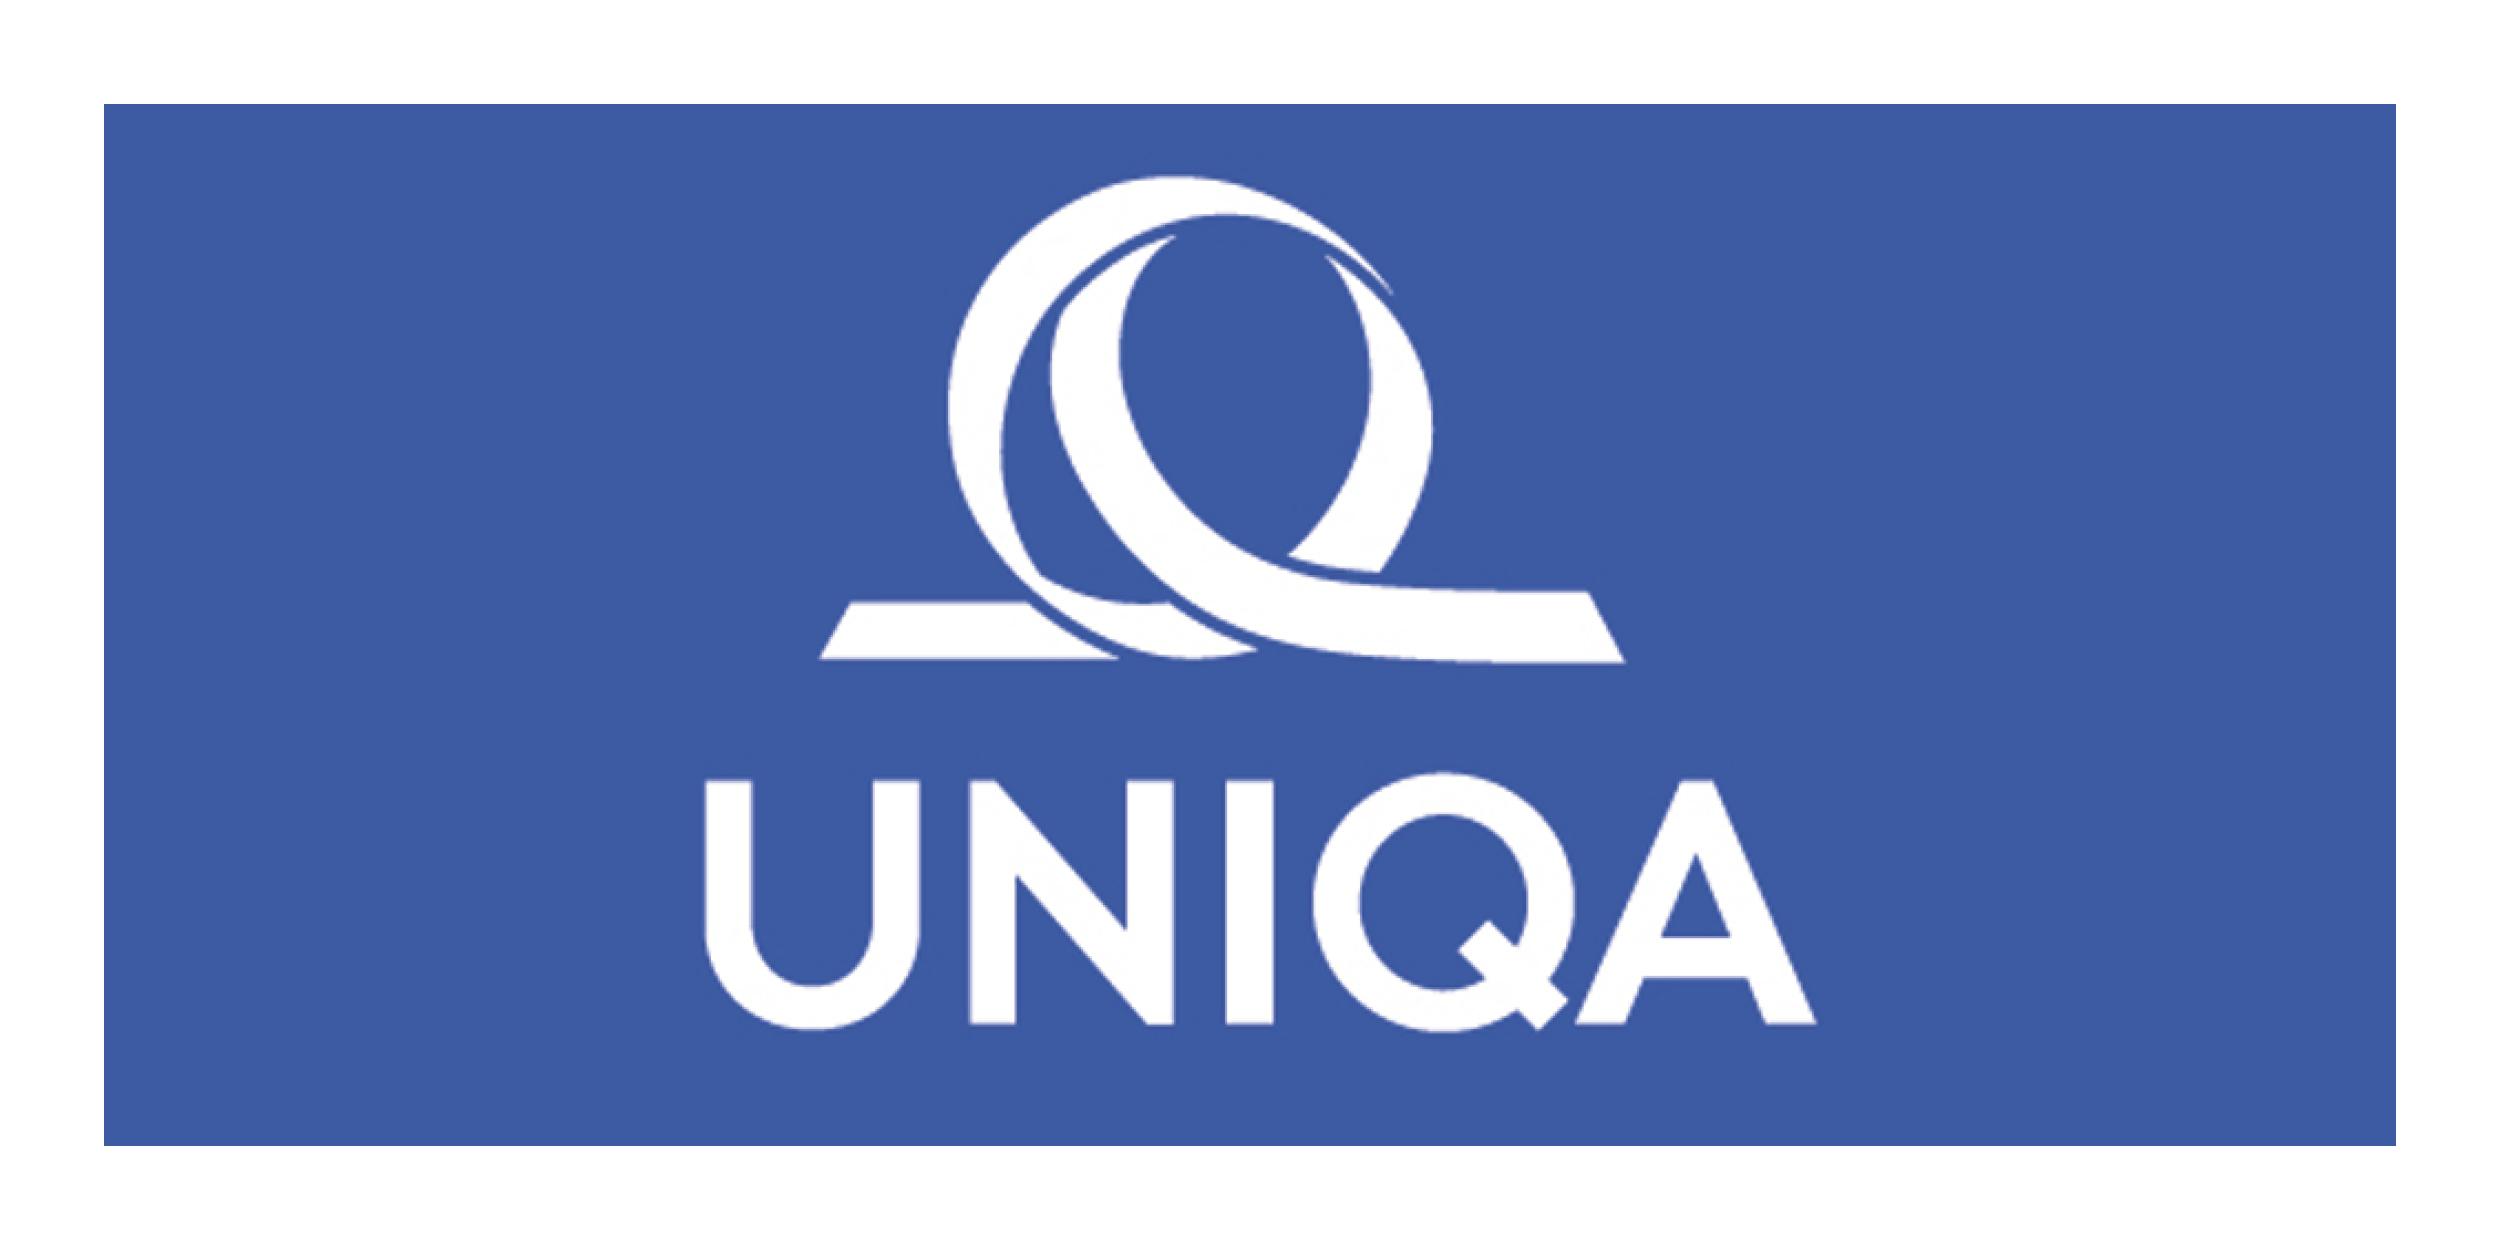 SVG Nachwuchs Sponsor - UNIQA